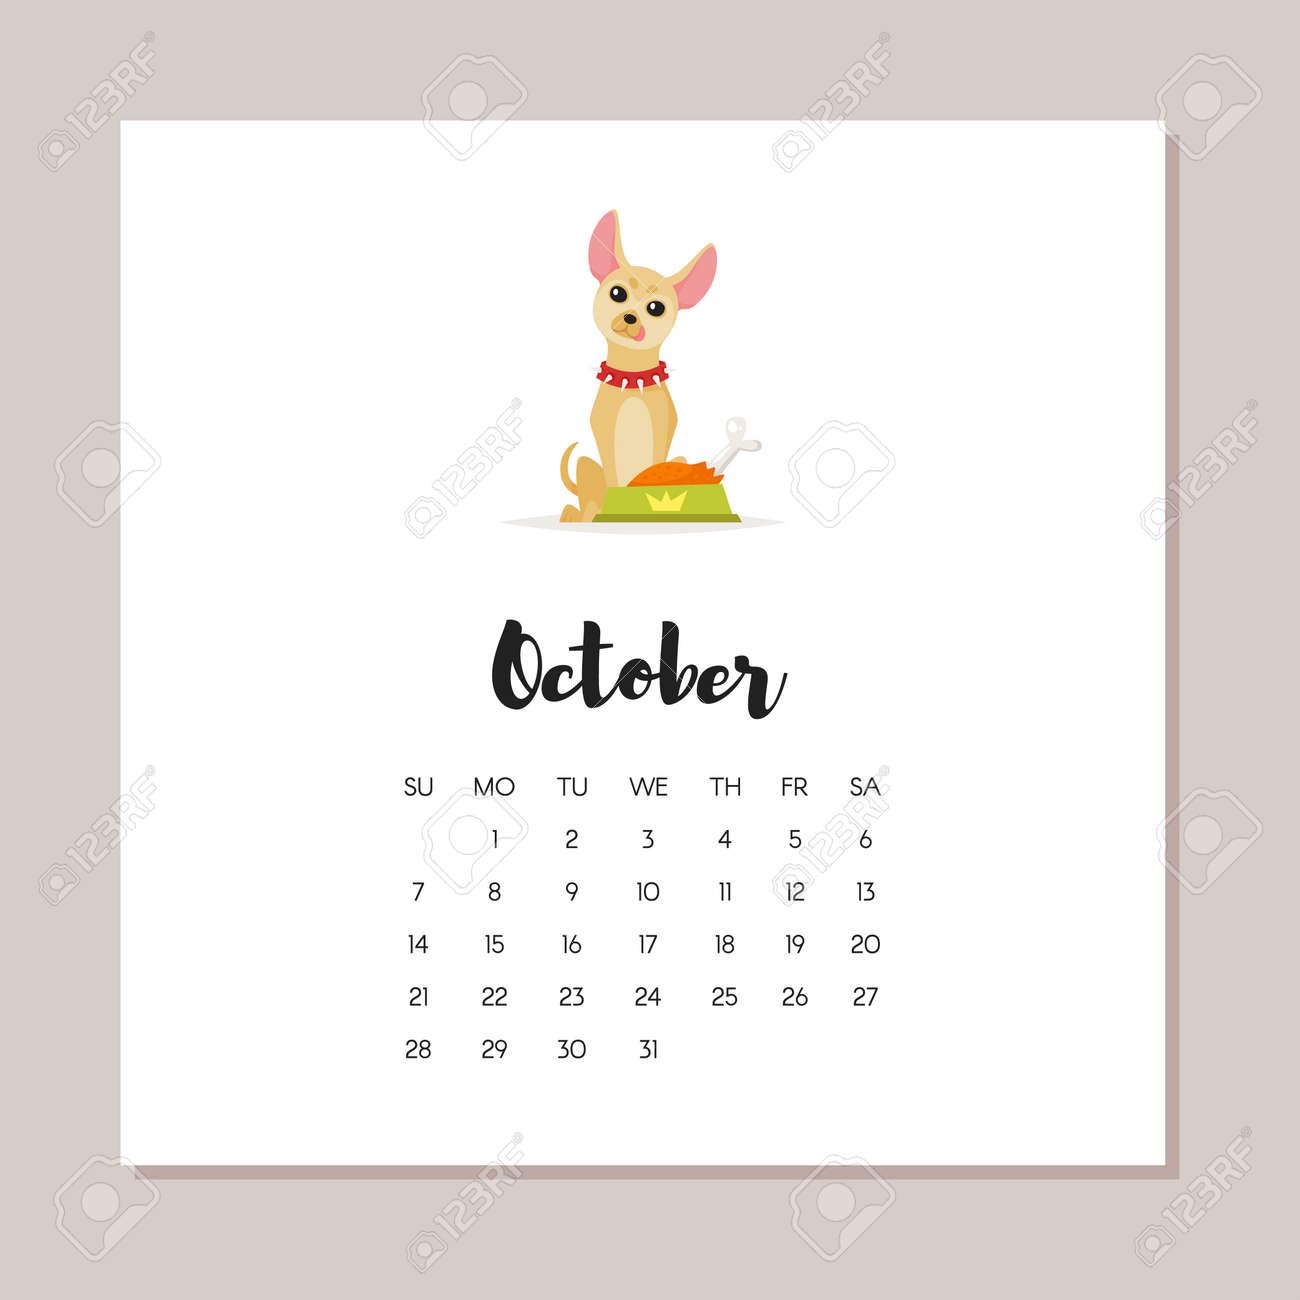 55325033c79fa blanco calendario agosto septiembre octubre noviembre 2018 para imprimir.  ilustración de estilo de. ilustración de estilo de dibujos animados de  vector del ...